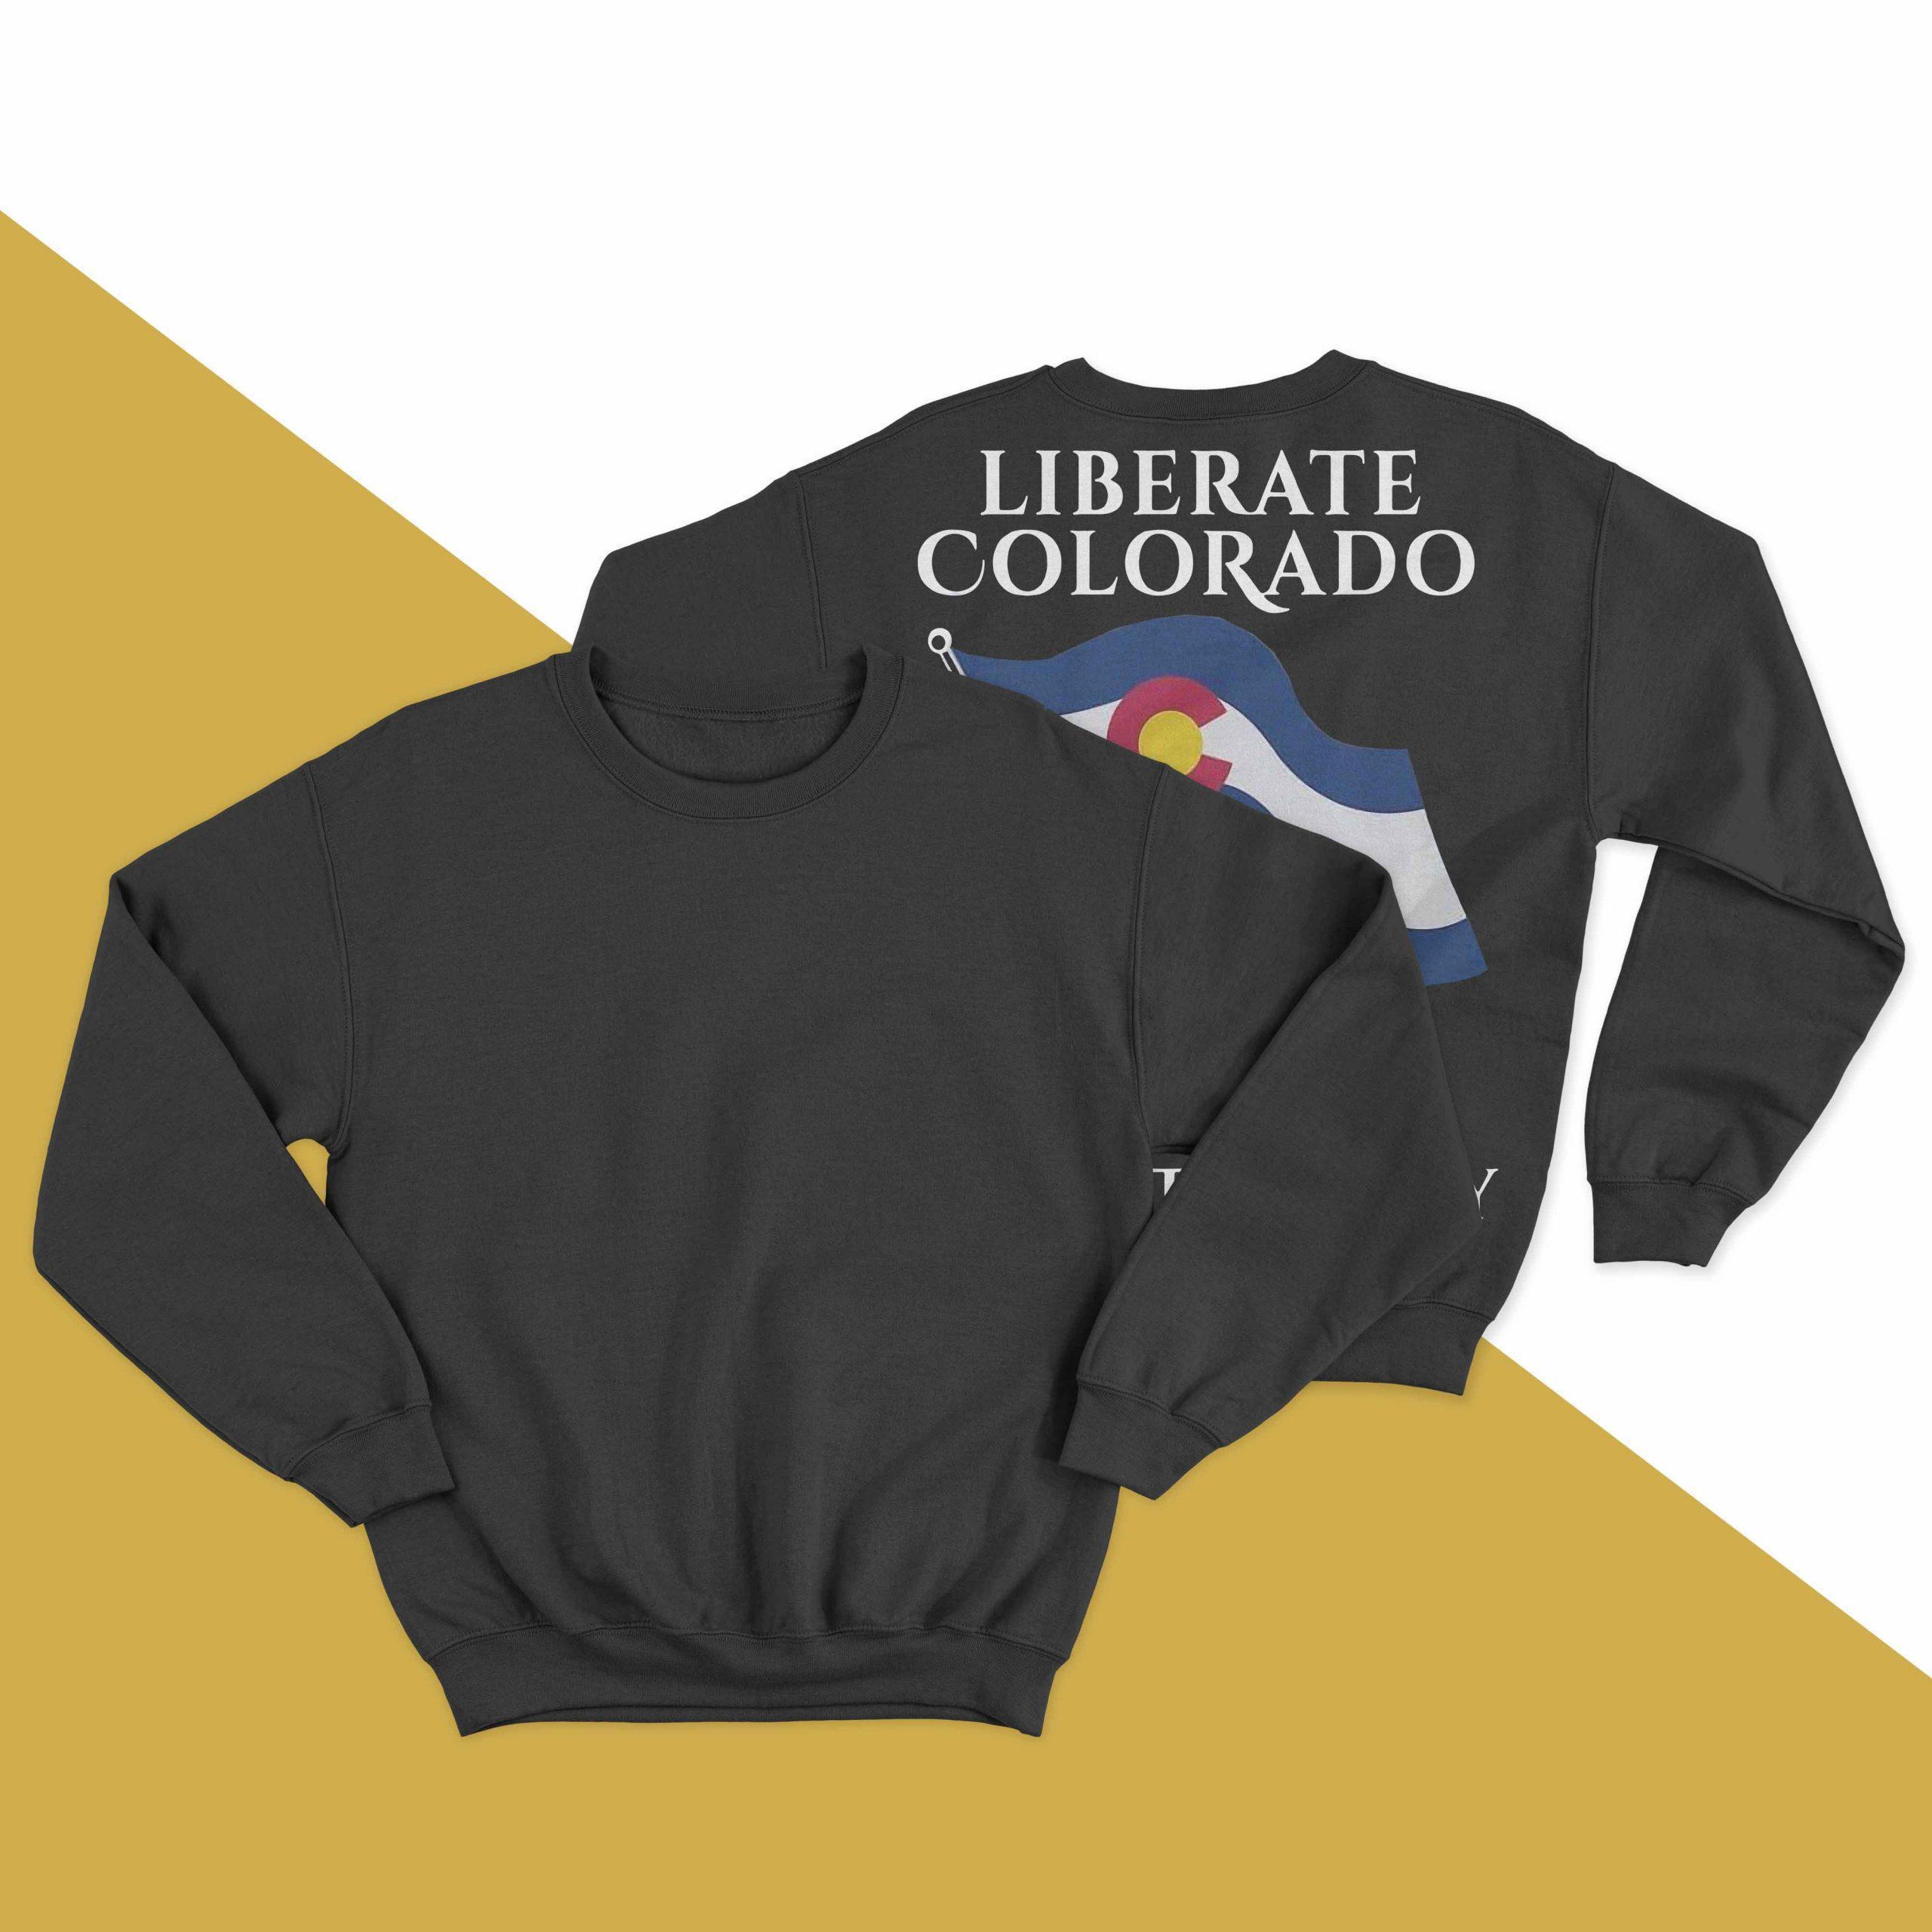 Liberate Colorado Resist Tyranny Sweater